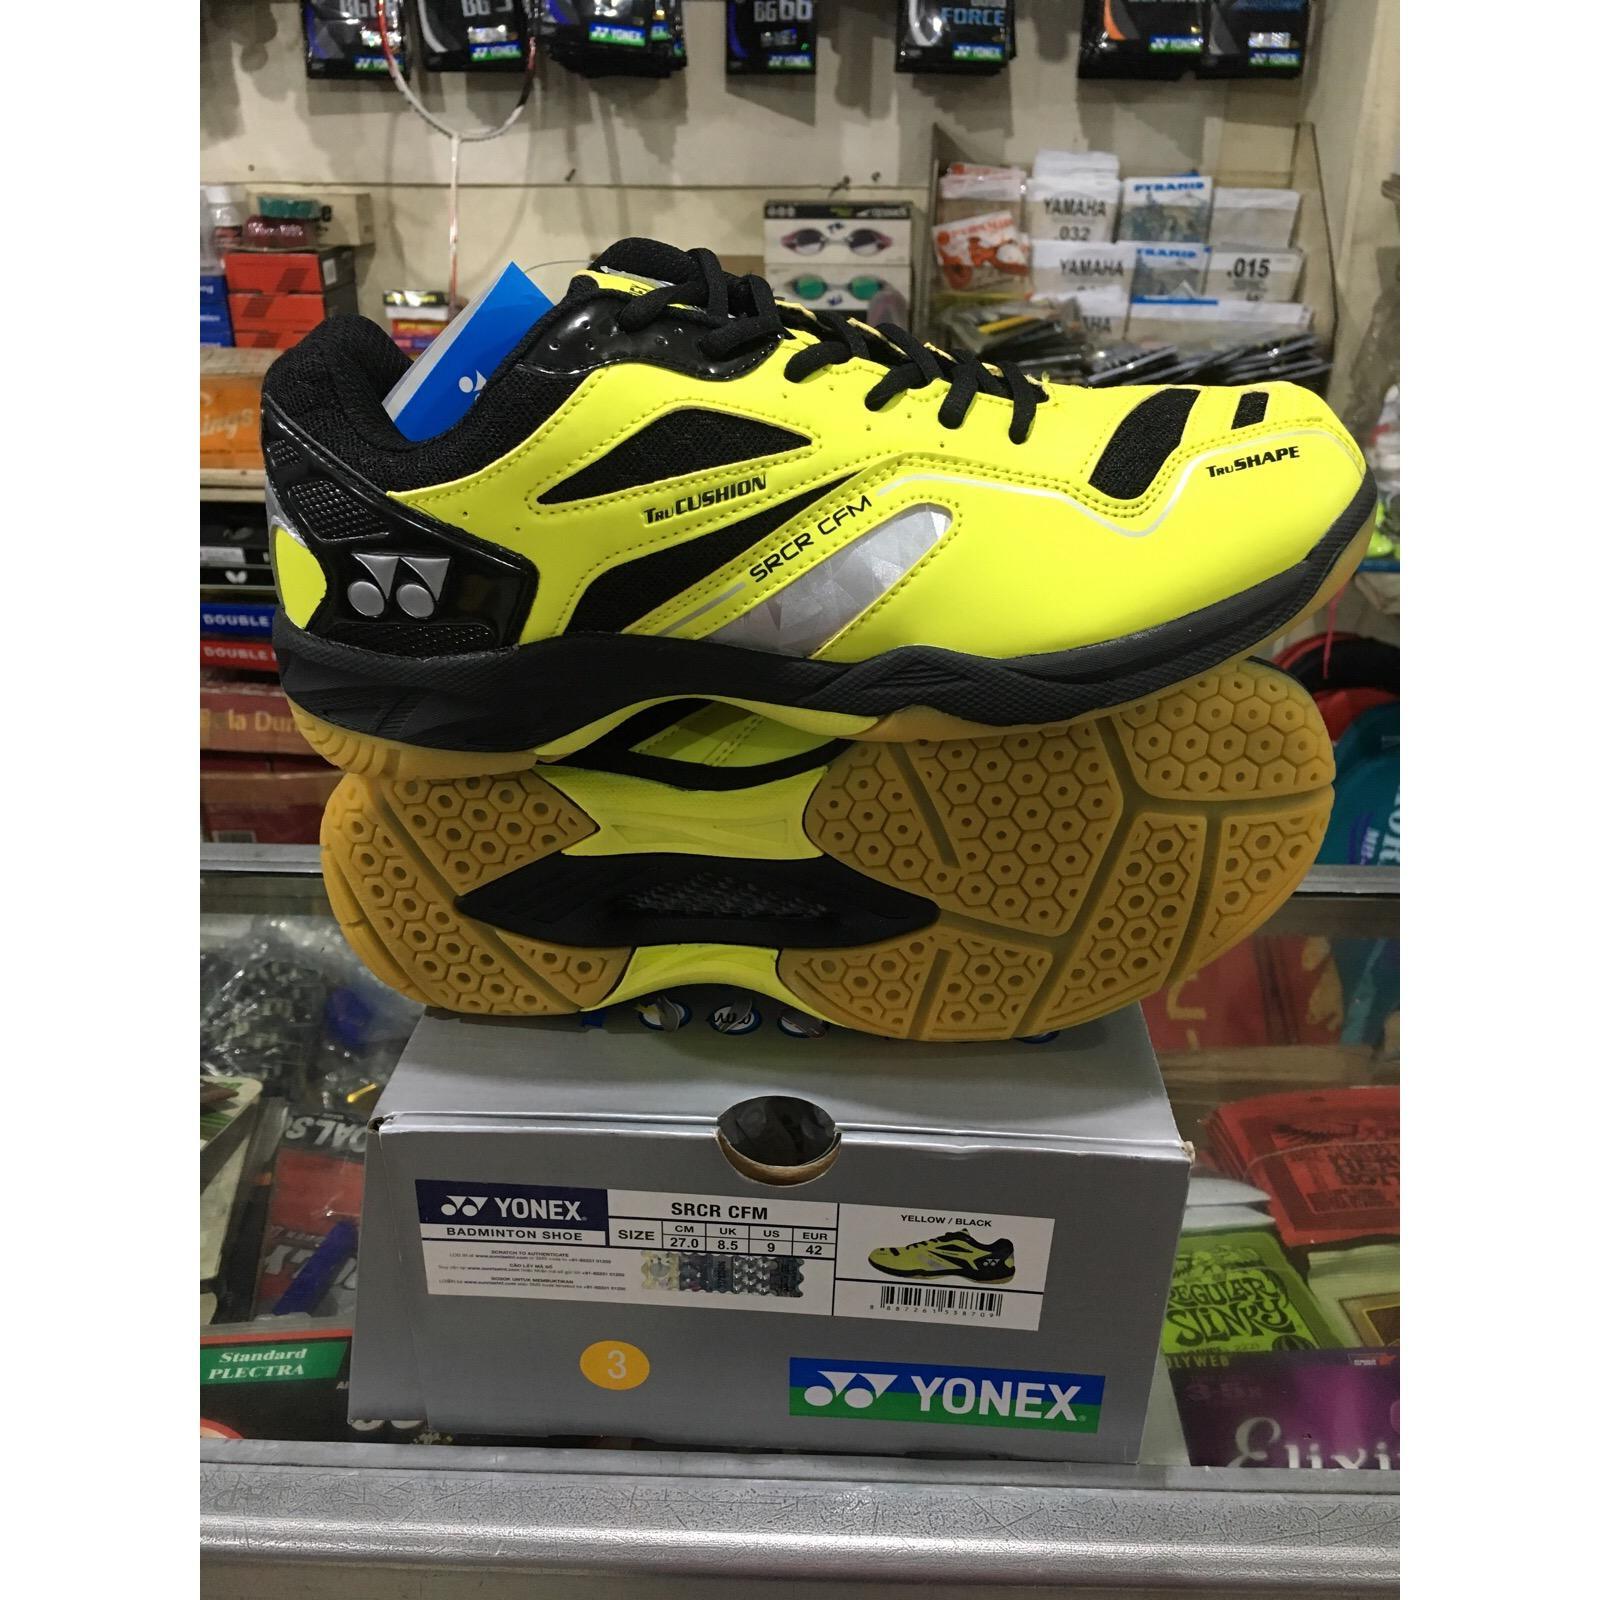 Yonex SRCR CFM Sepatu Badminton (Black/Lime Green)